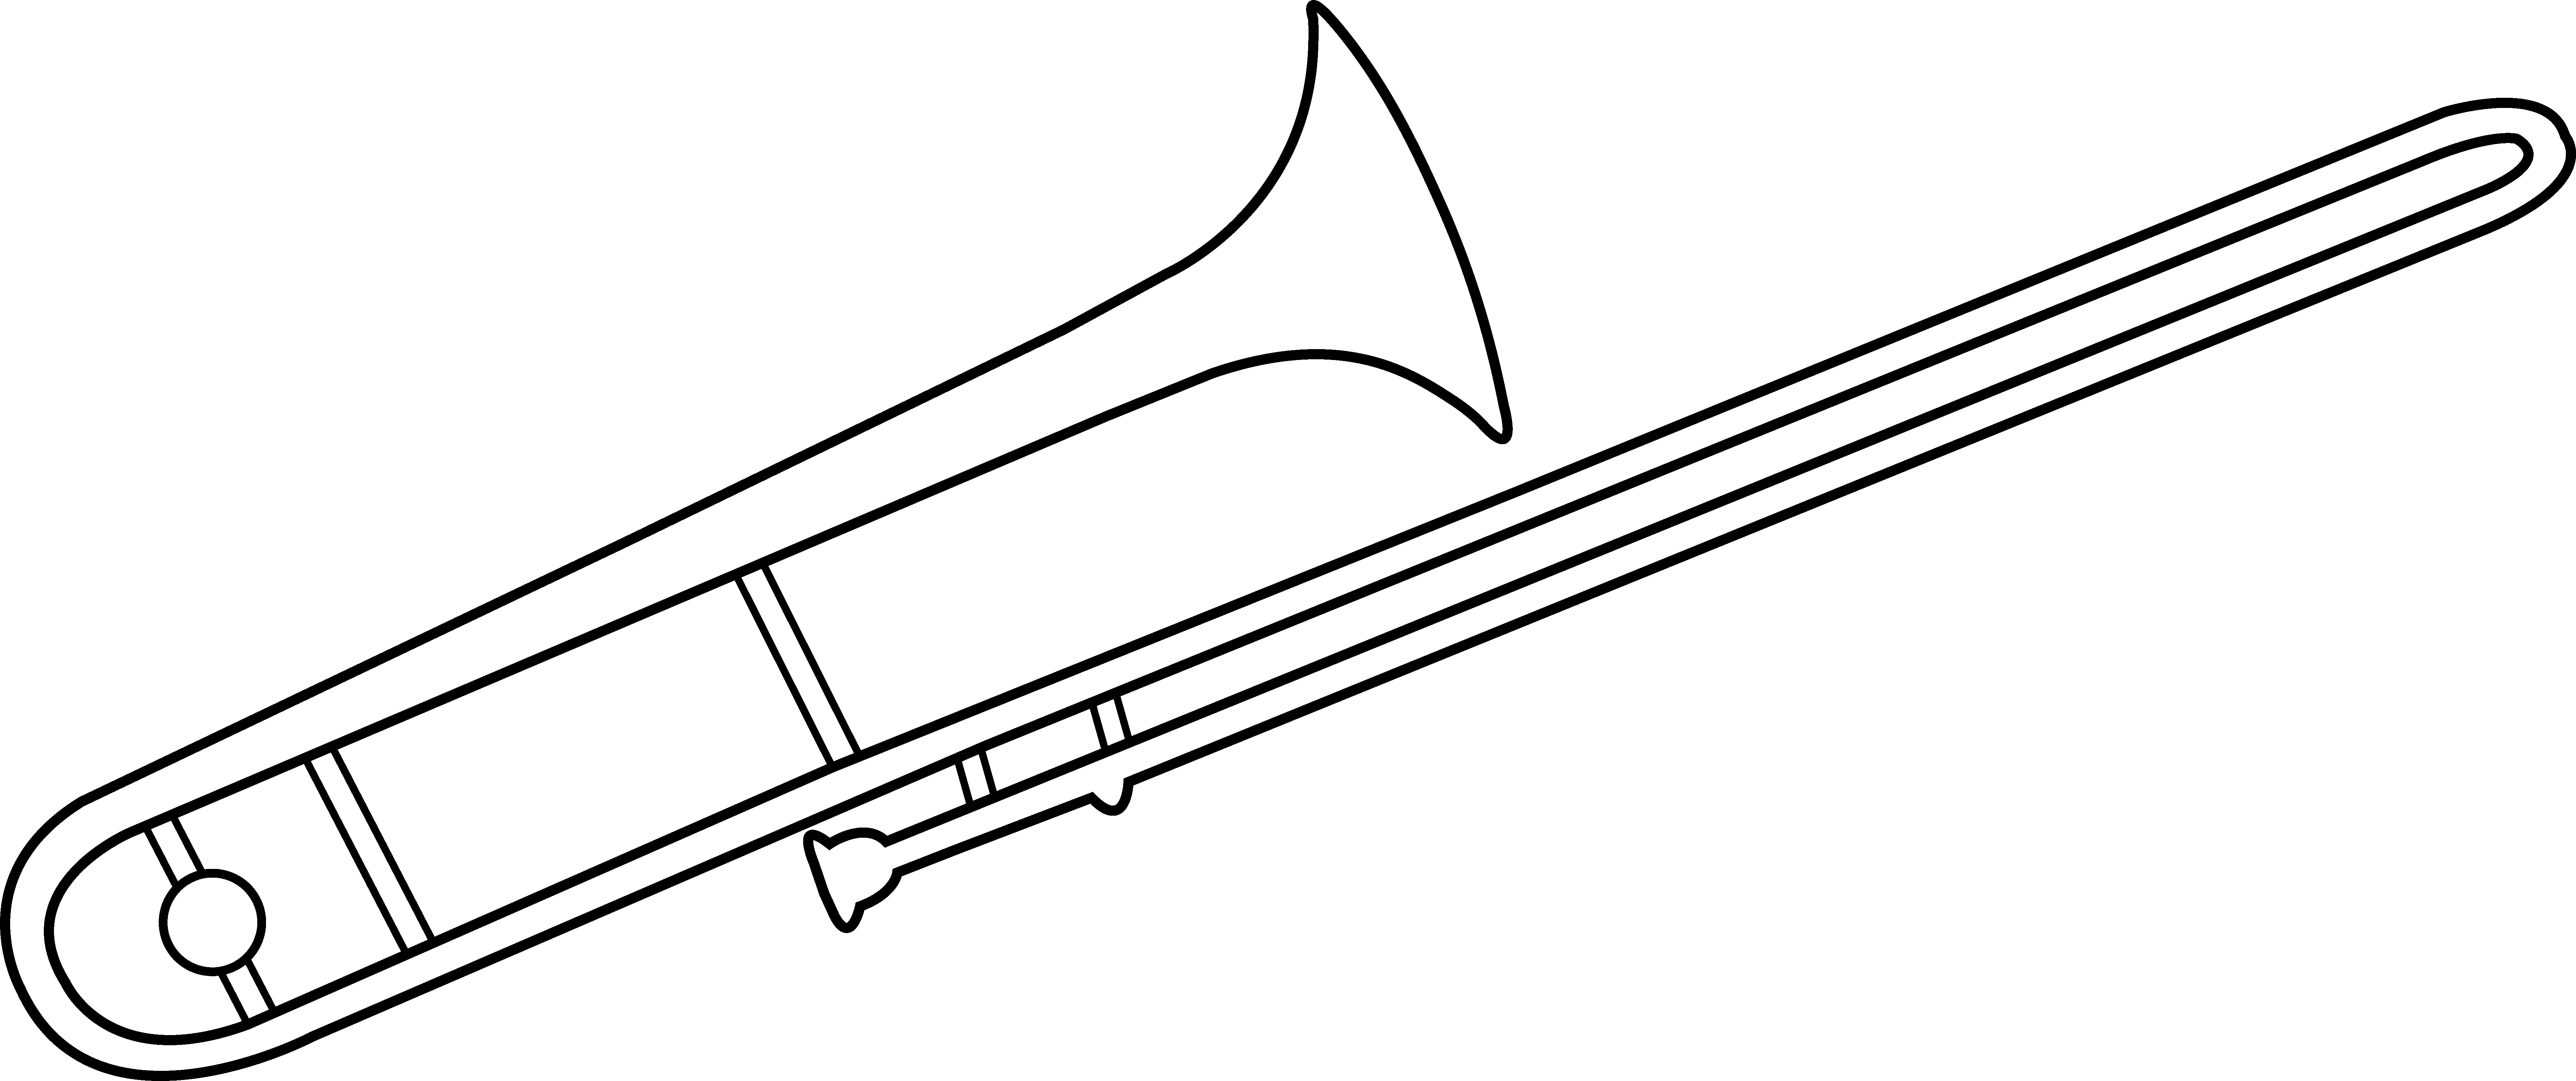 Trombone art free clip. Door clipart line drawing